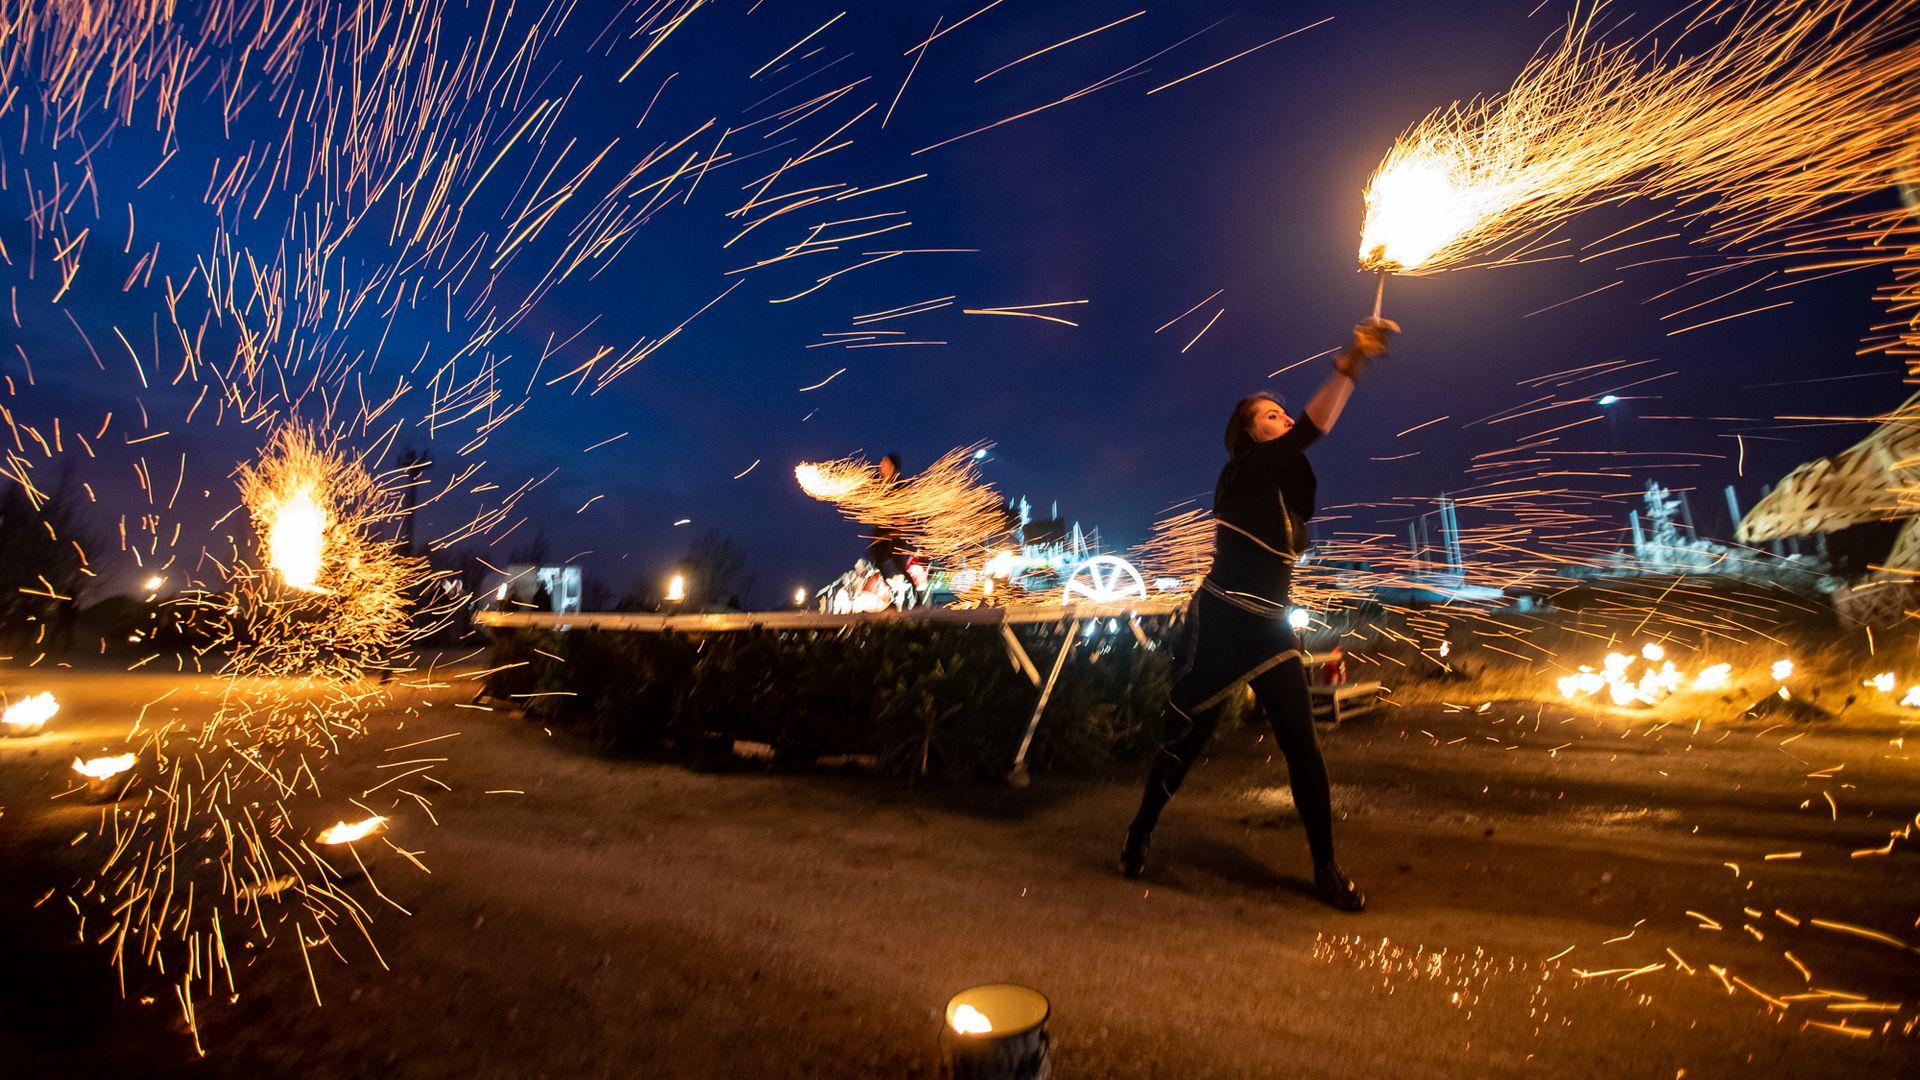 Metallroti aasta tuleku puhul süüdati suur 3D tuleskulptuur